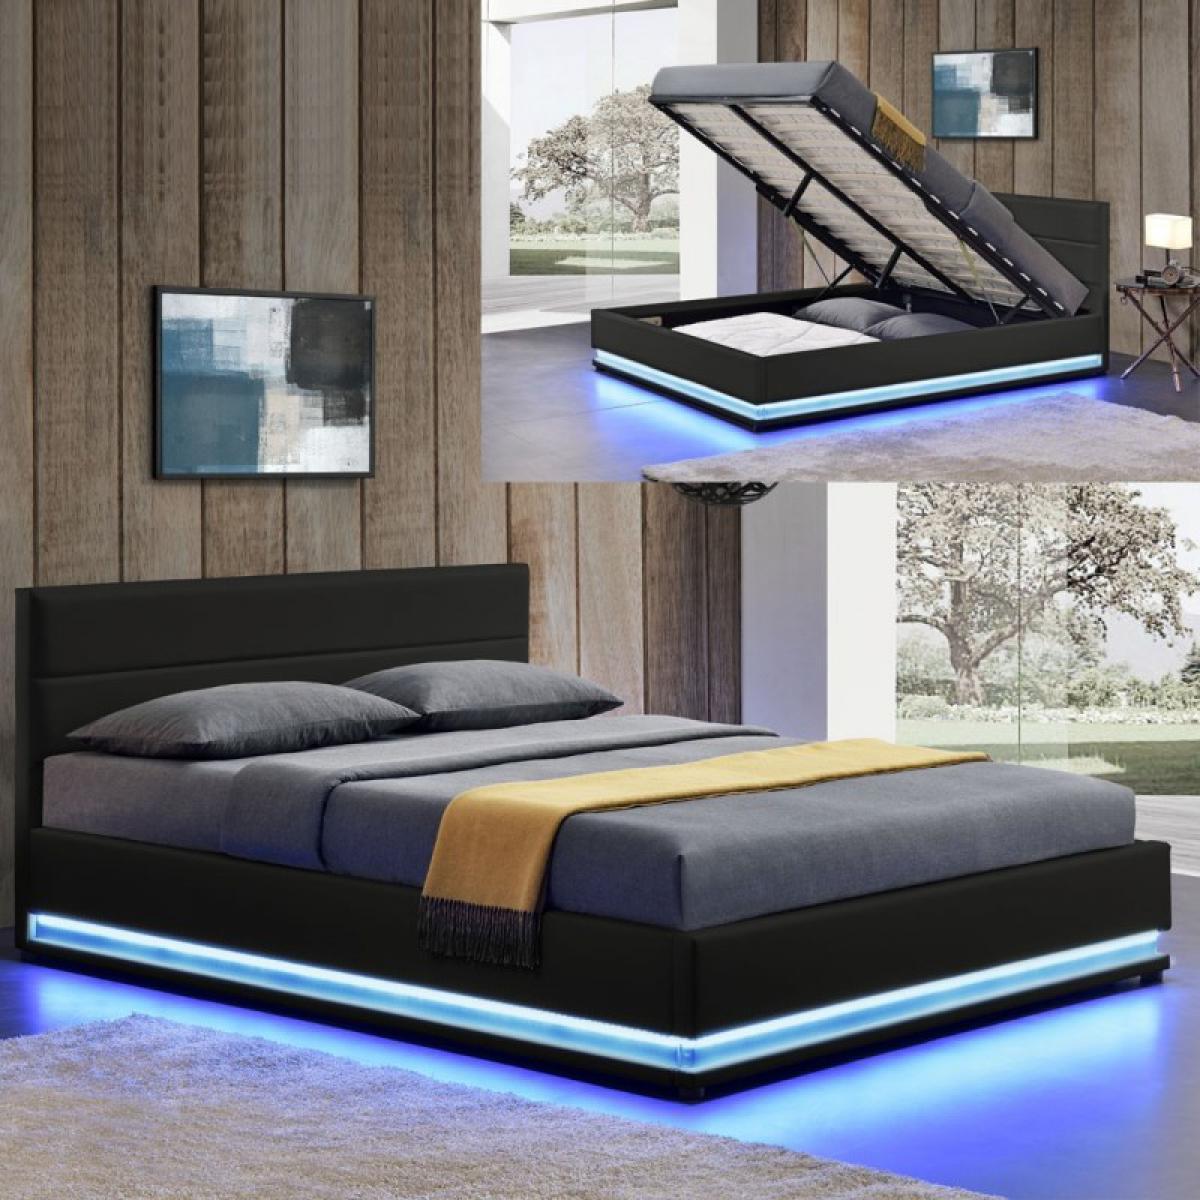 Meubler Design Lit led avec coffre de rangement AVA - Noir - 180x200